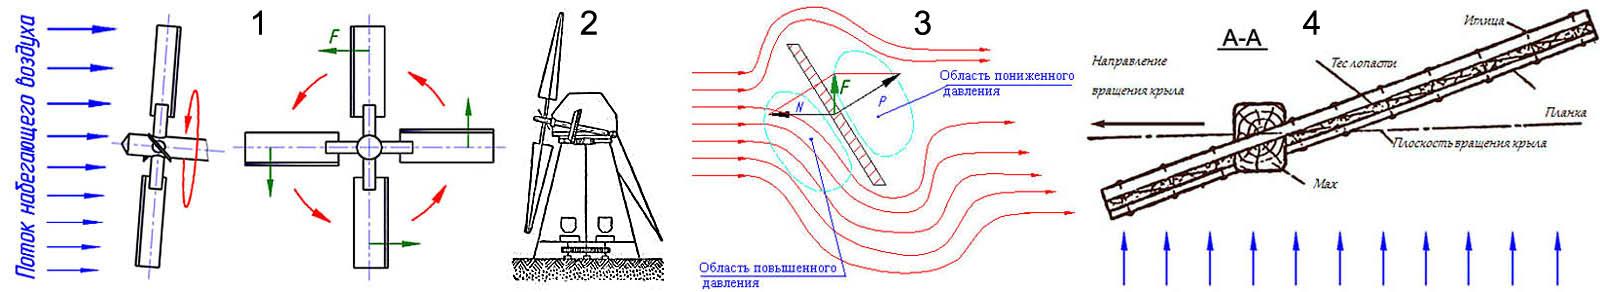 Аэродинамика ротора ветряной мельницы